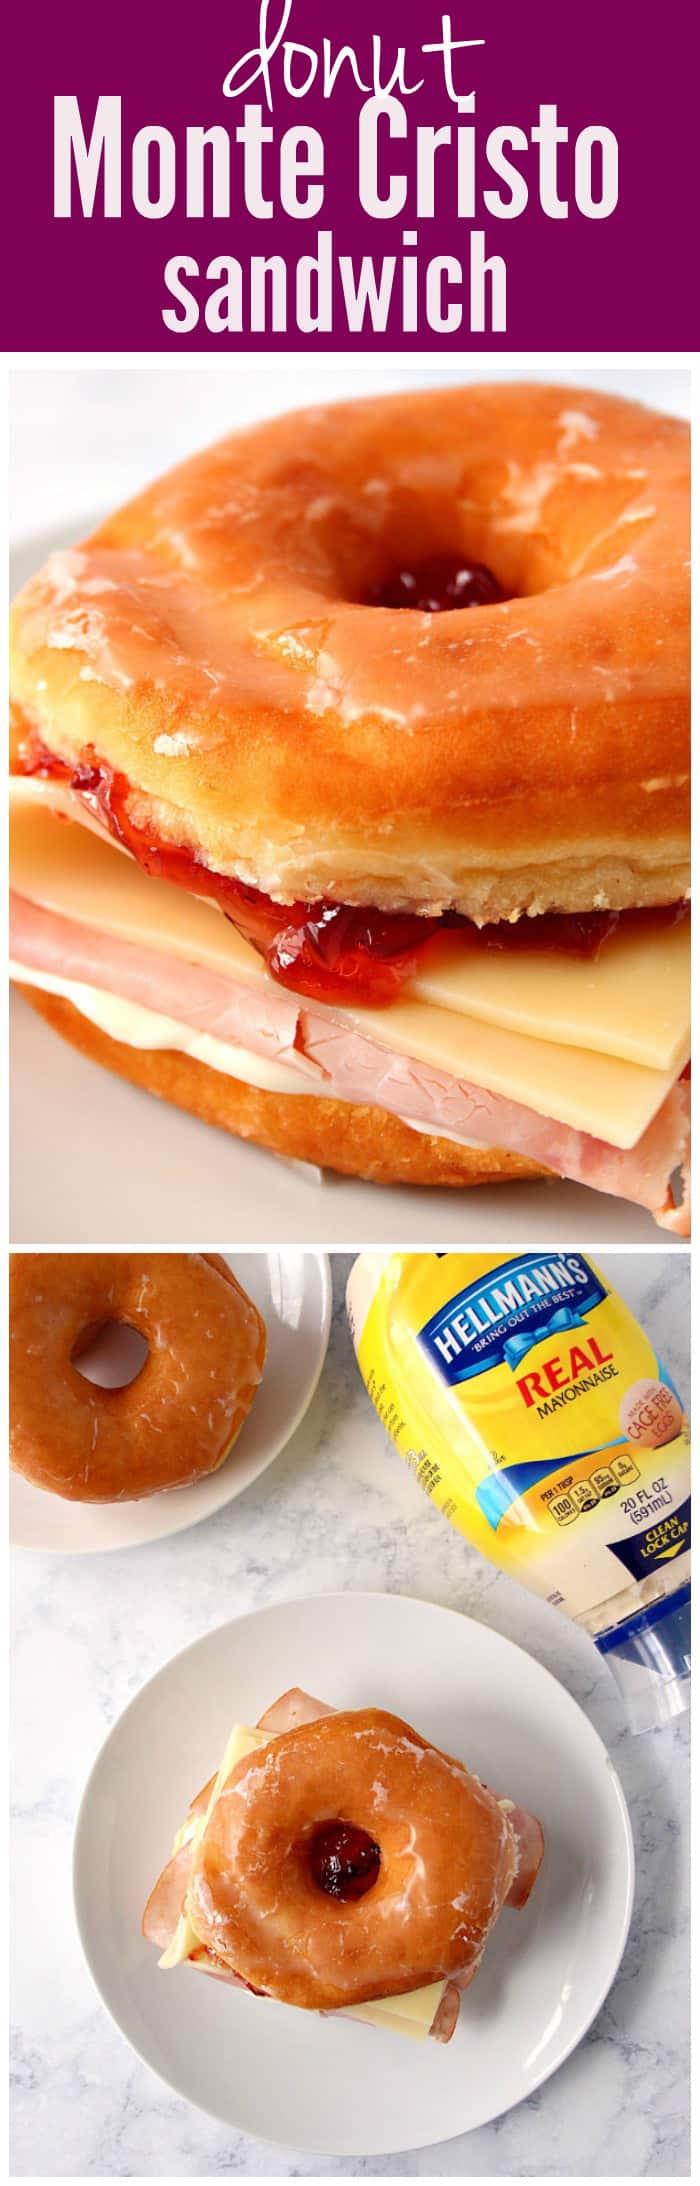 donut monte cristo sandwich recipe long1a Donut Monte Cristo Sandwich Recipe